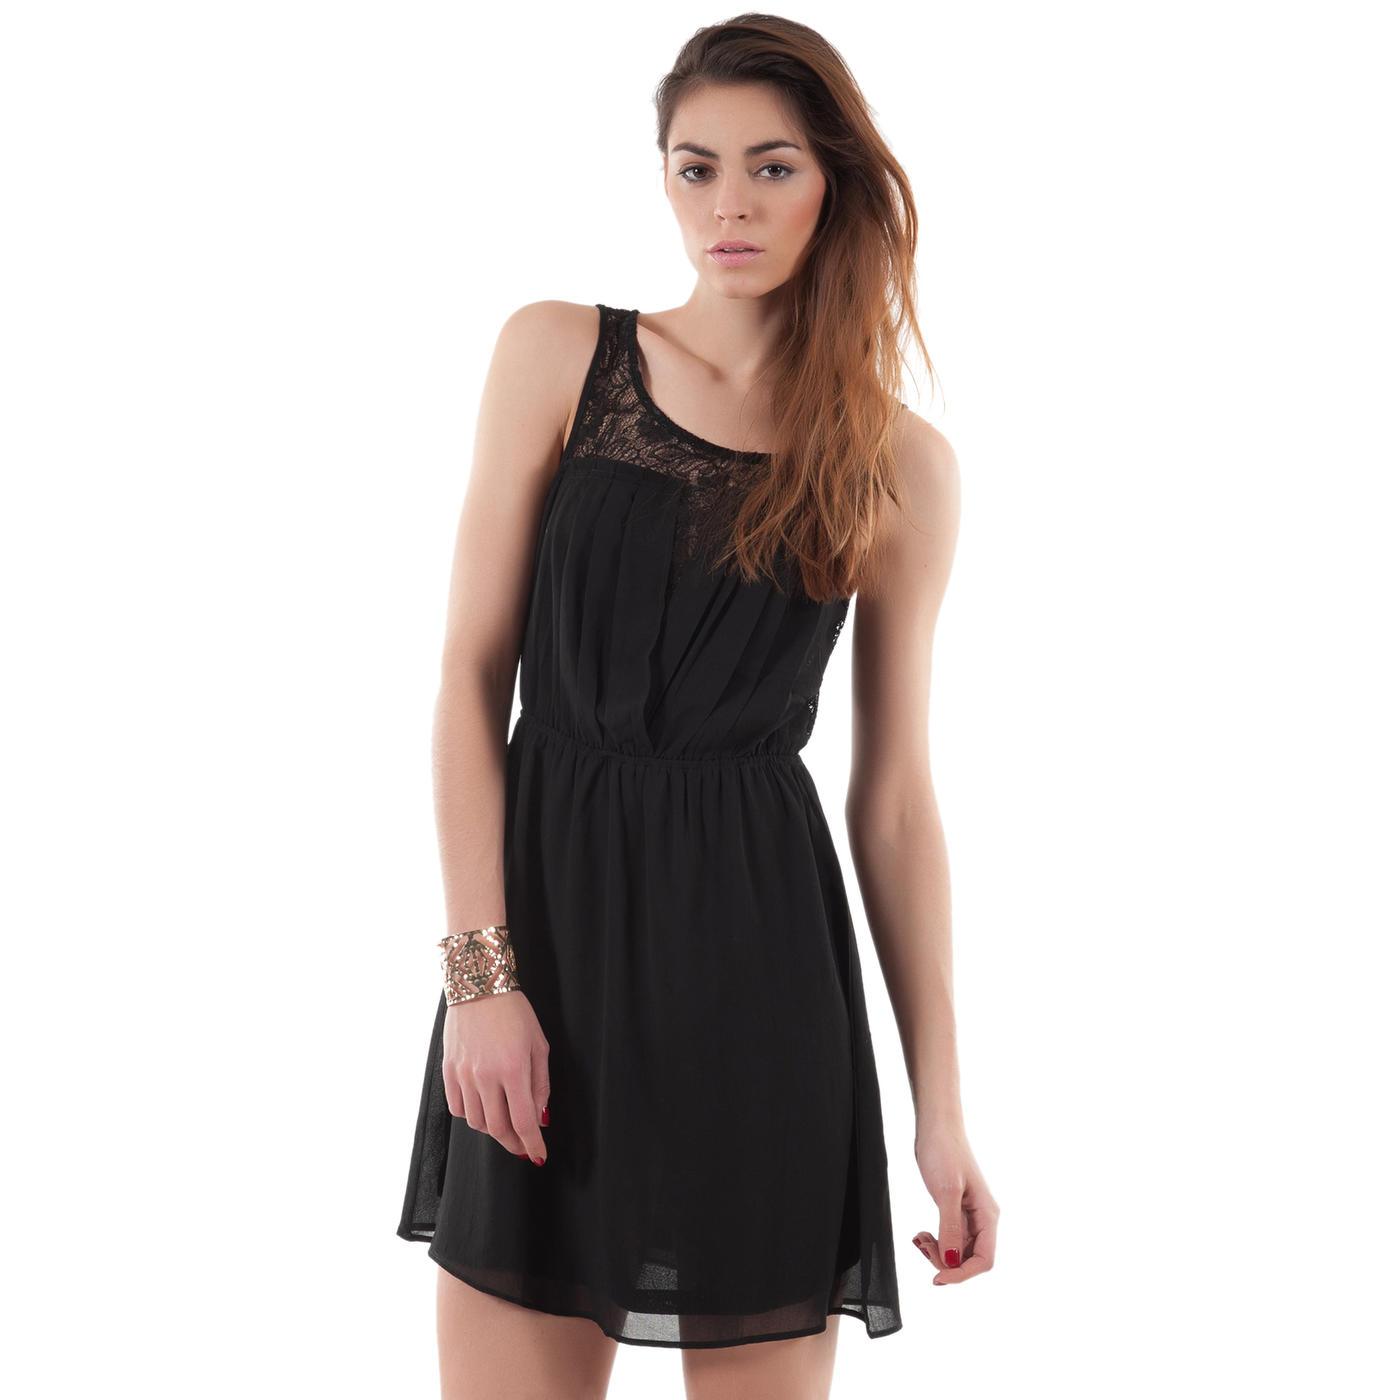 699a4cd51168cd Vestidos Negros Cortos Combinaciones Related Keywords & Suggestions ...